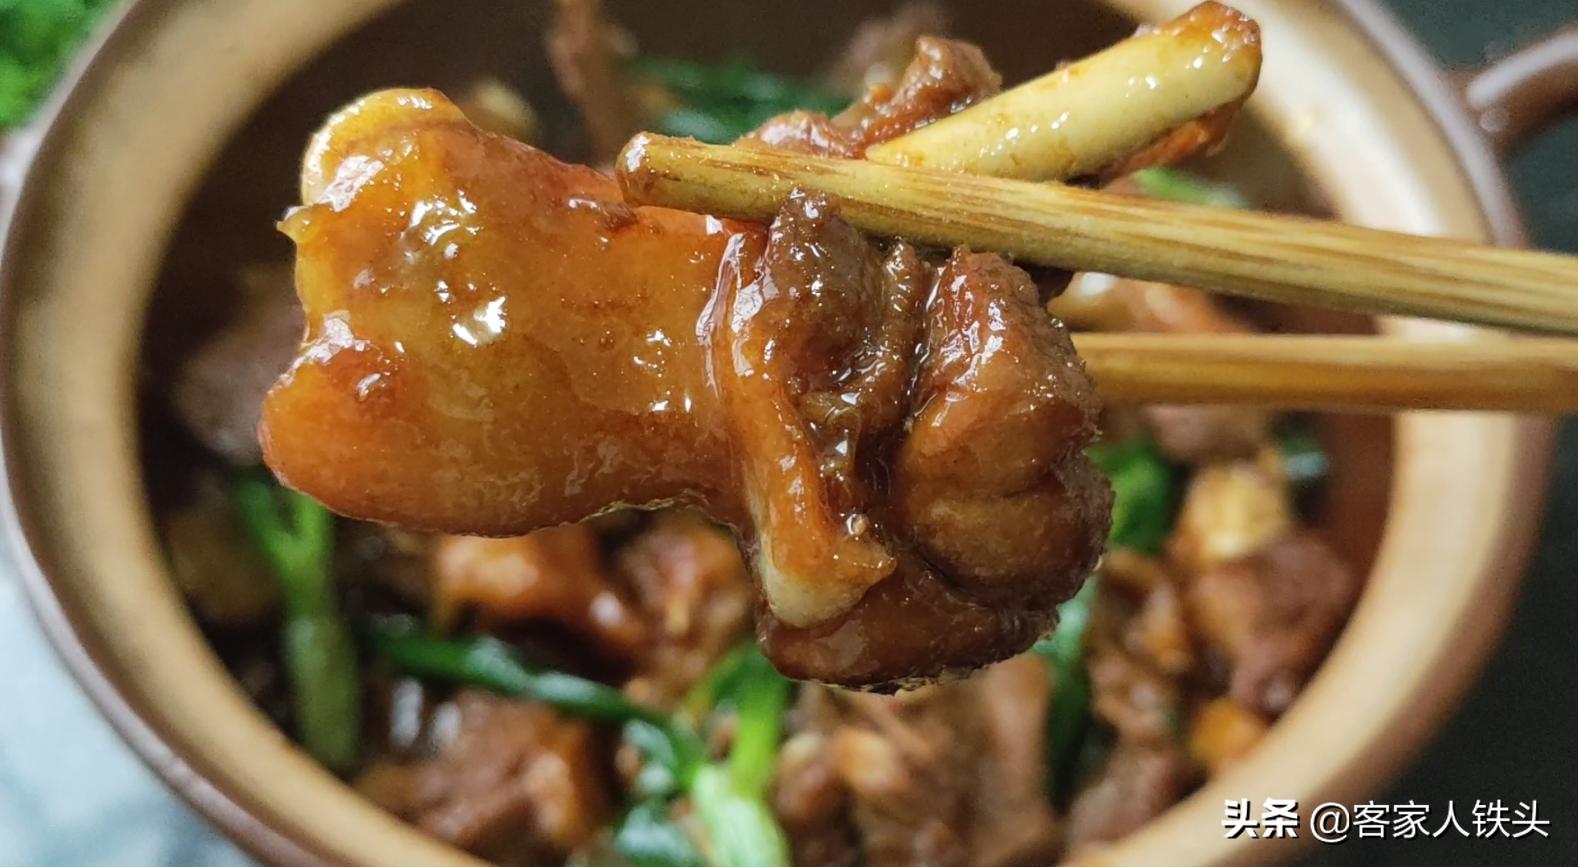 廣式麻油鴨,廣東人百吃不膩的一道家常菜,噴香不油膩,越吃越愛